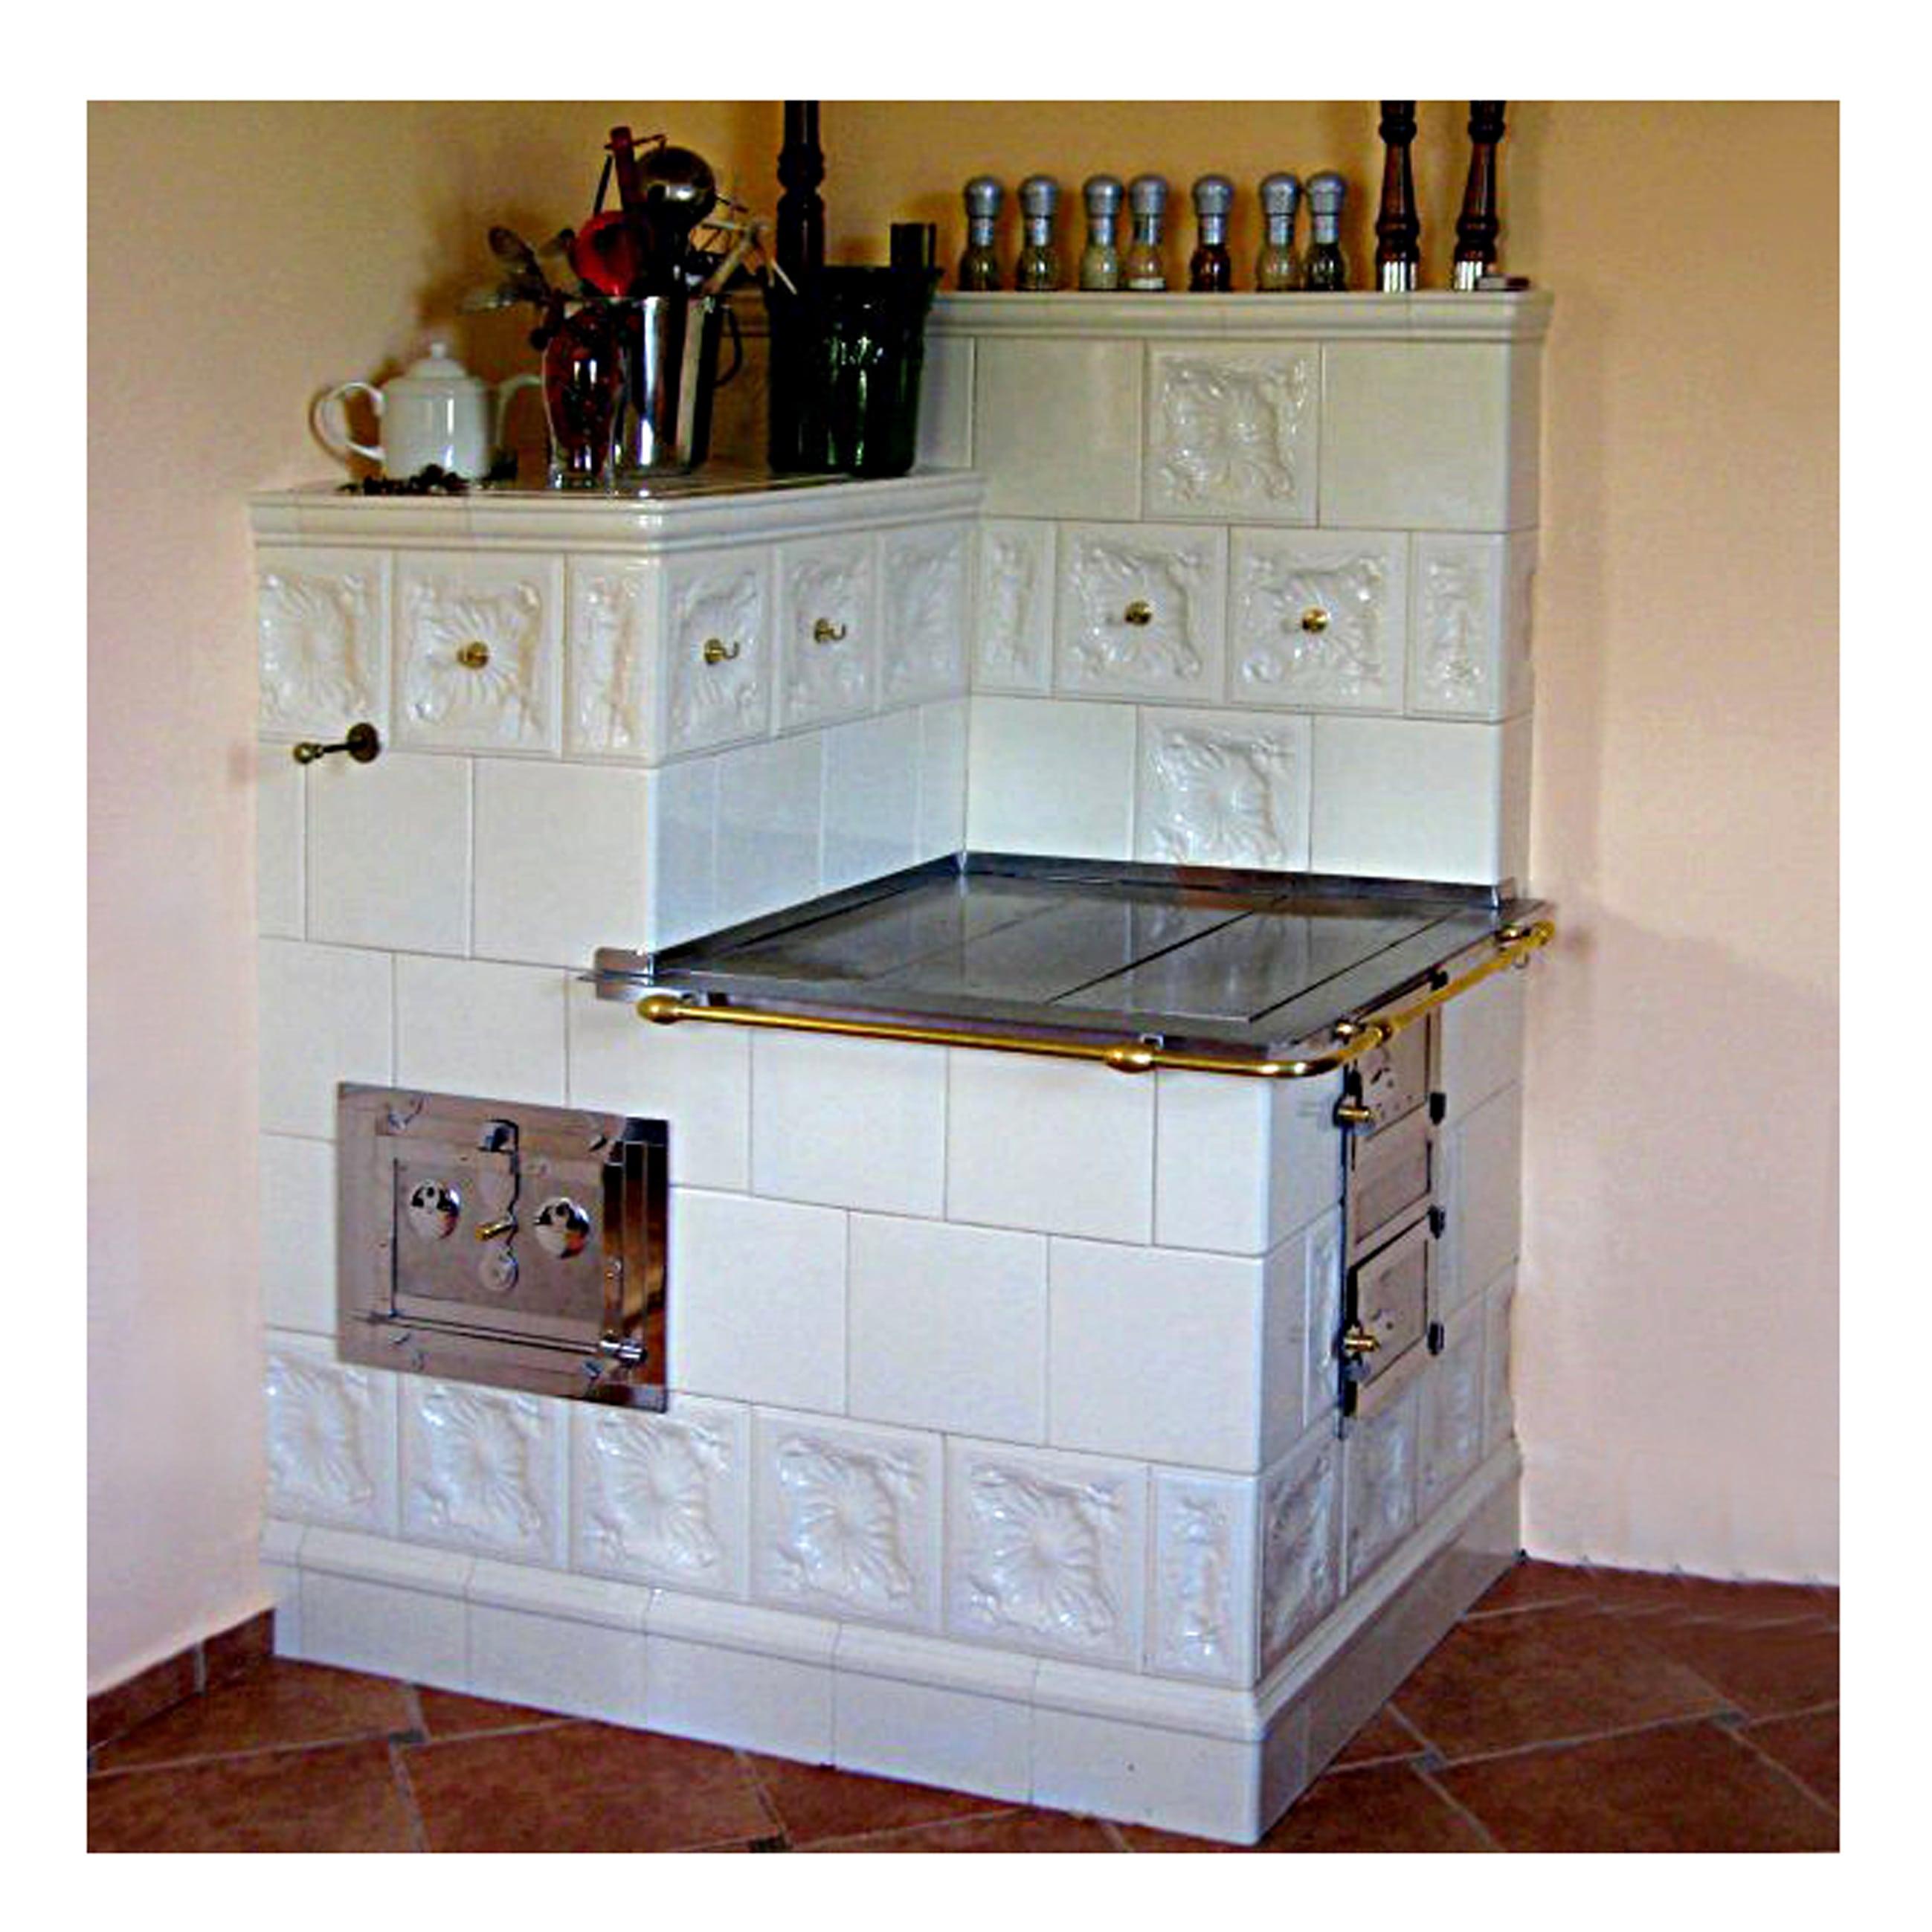 piece kaflowe tradycyjne piece kuchenne i pokojowe